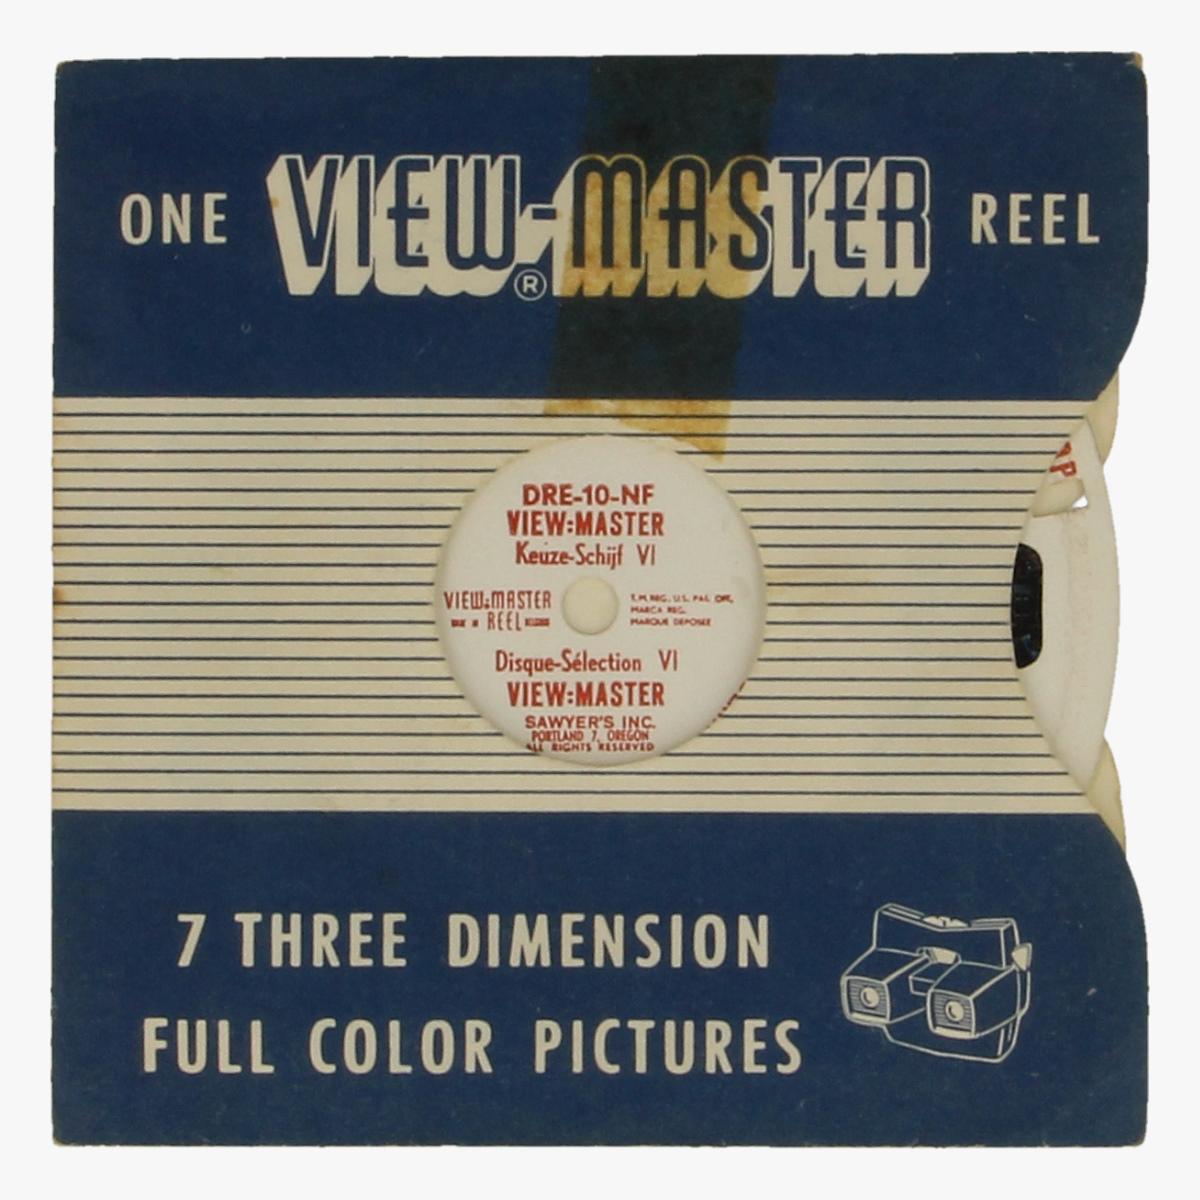 Afbeeldingen van View-master DRE-10-NF schijf 6